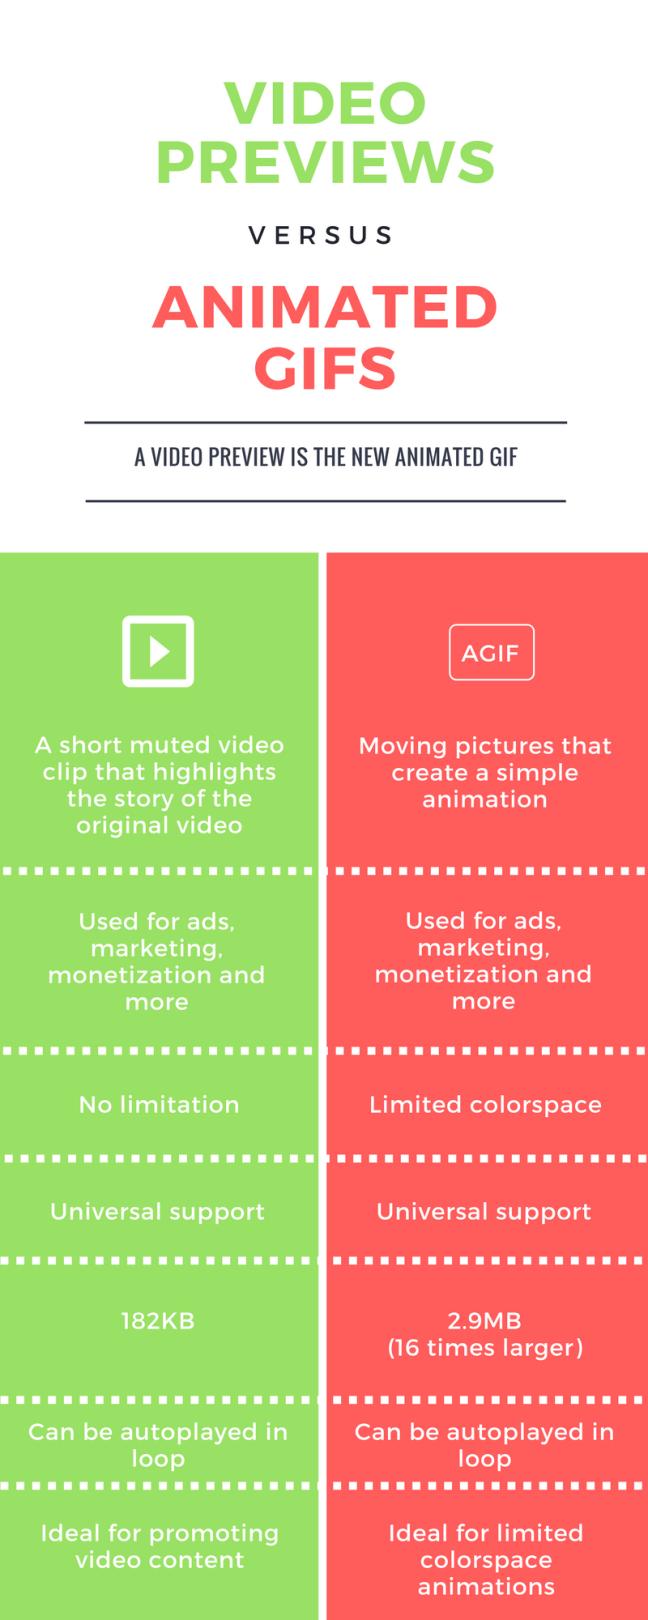 AGIF vs video preview